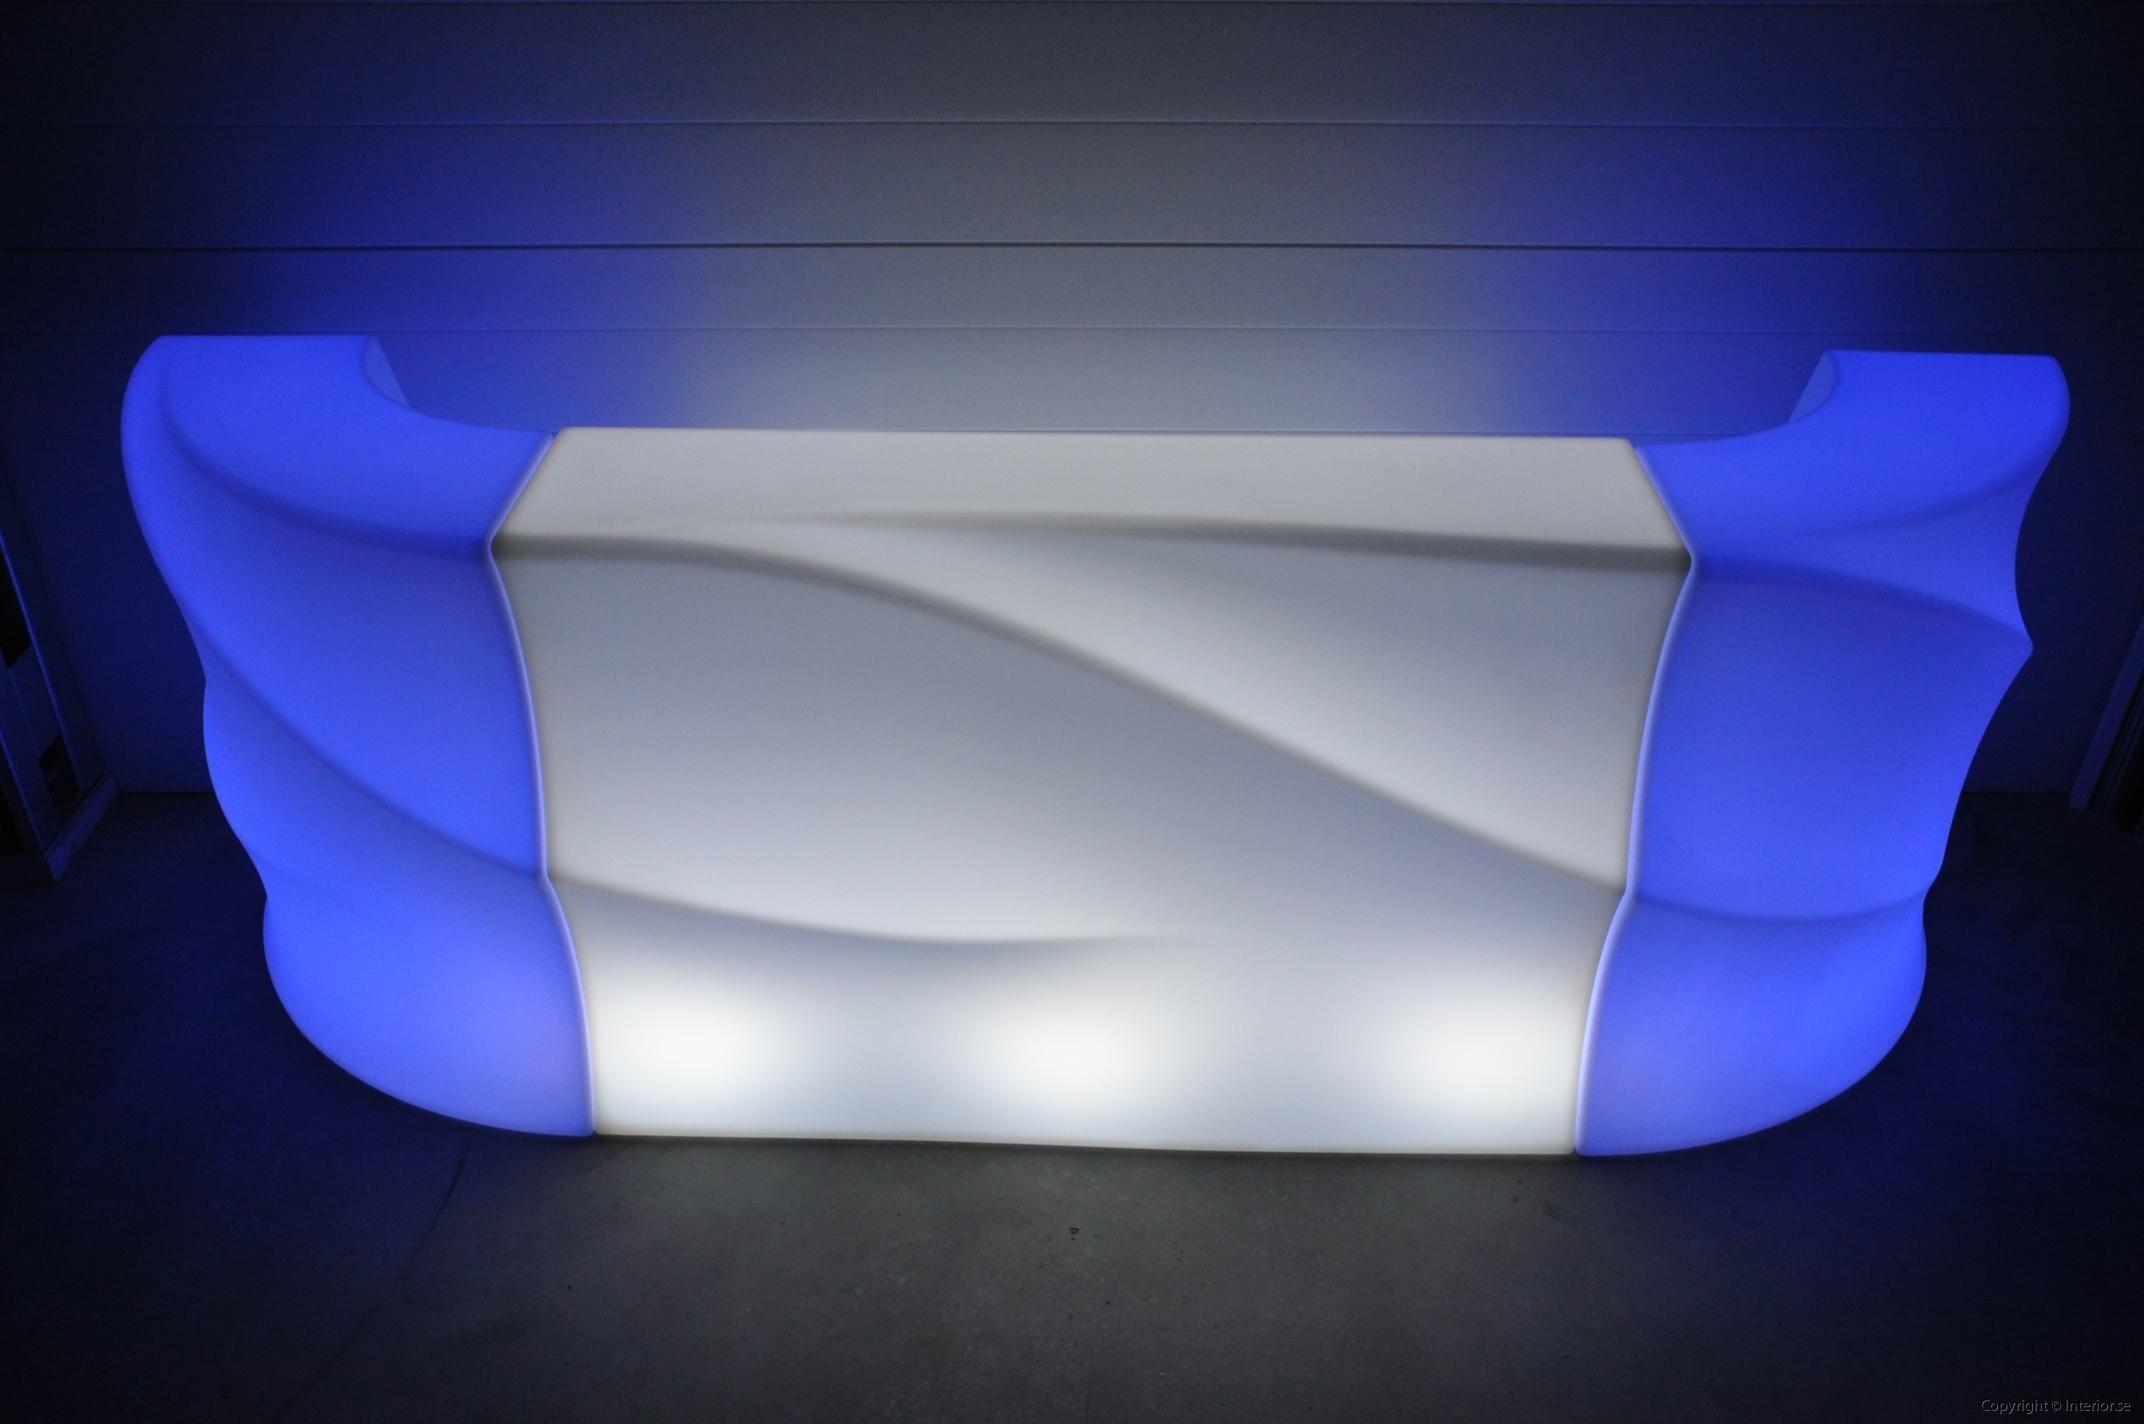 Hyra LED bardisk stockholm, New Wave 320 cm - batteri (12)